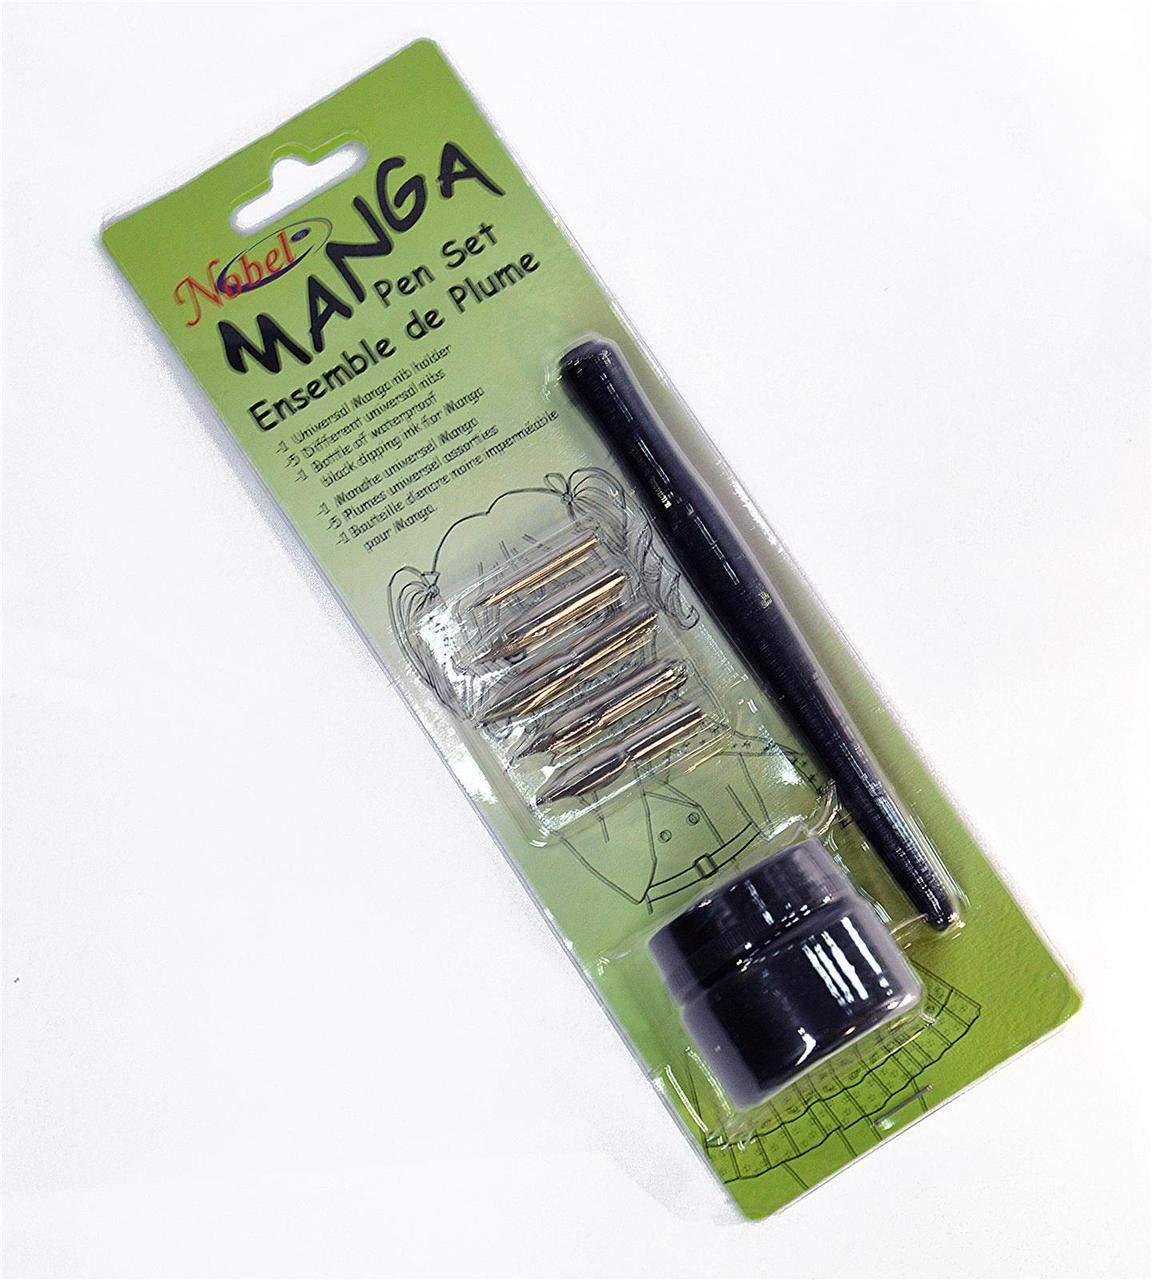 Nobel Manga Calligraphy Dip Pen Set with Universal Nib Holder